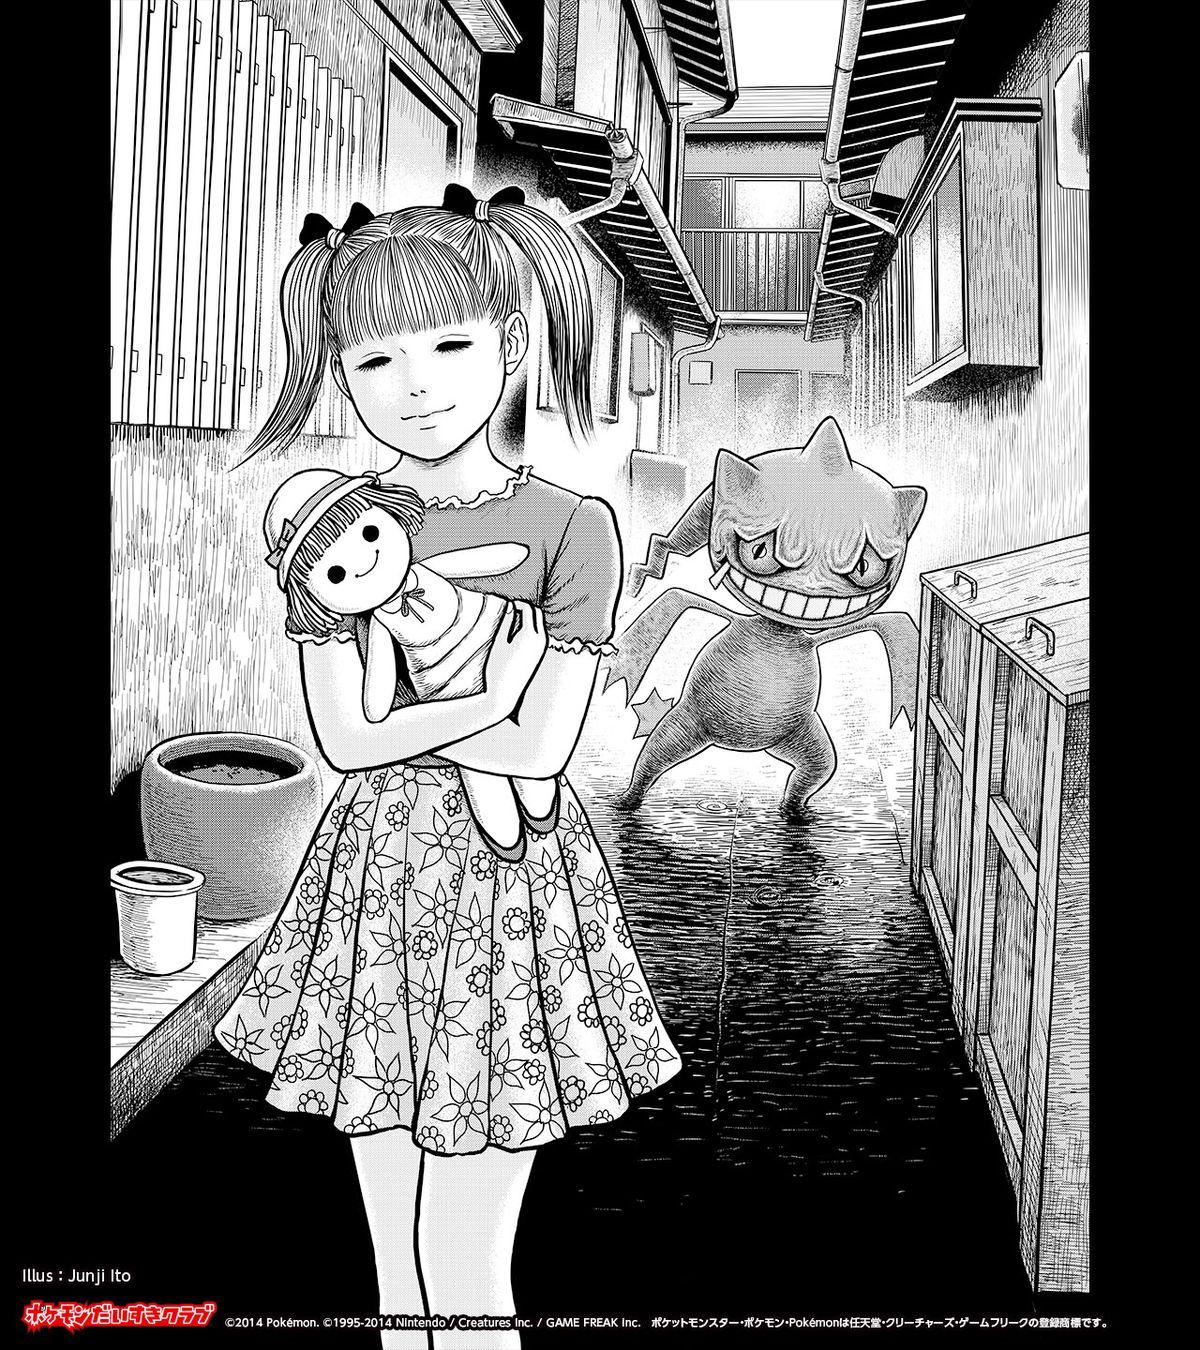 Pokémon x Junji Ito